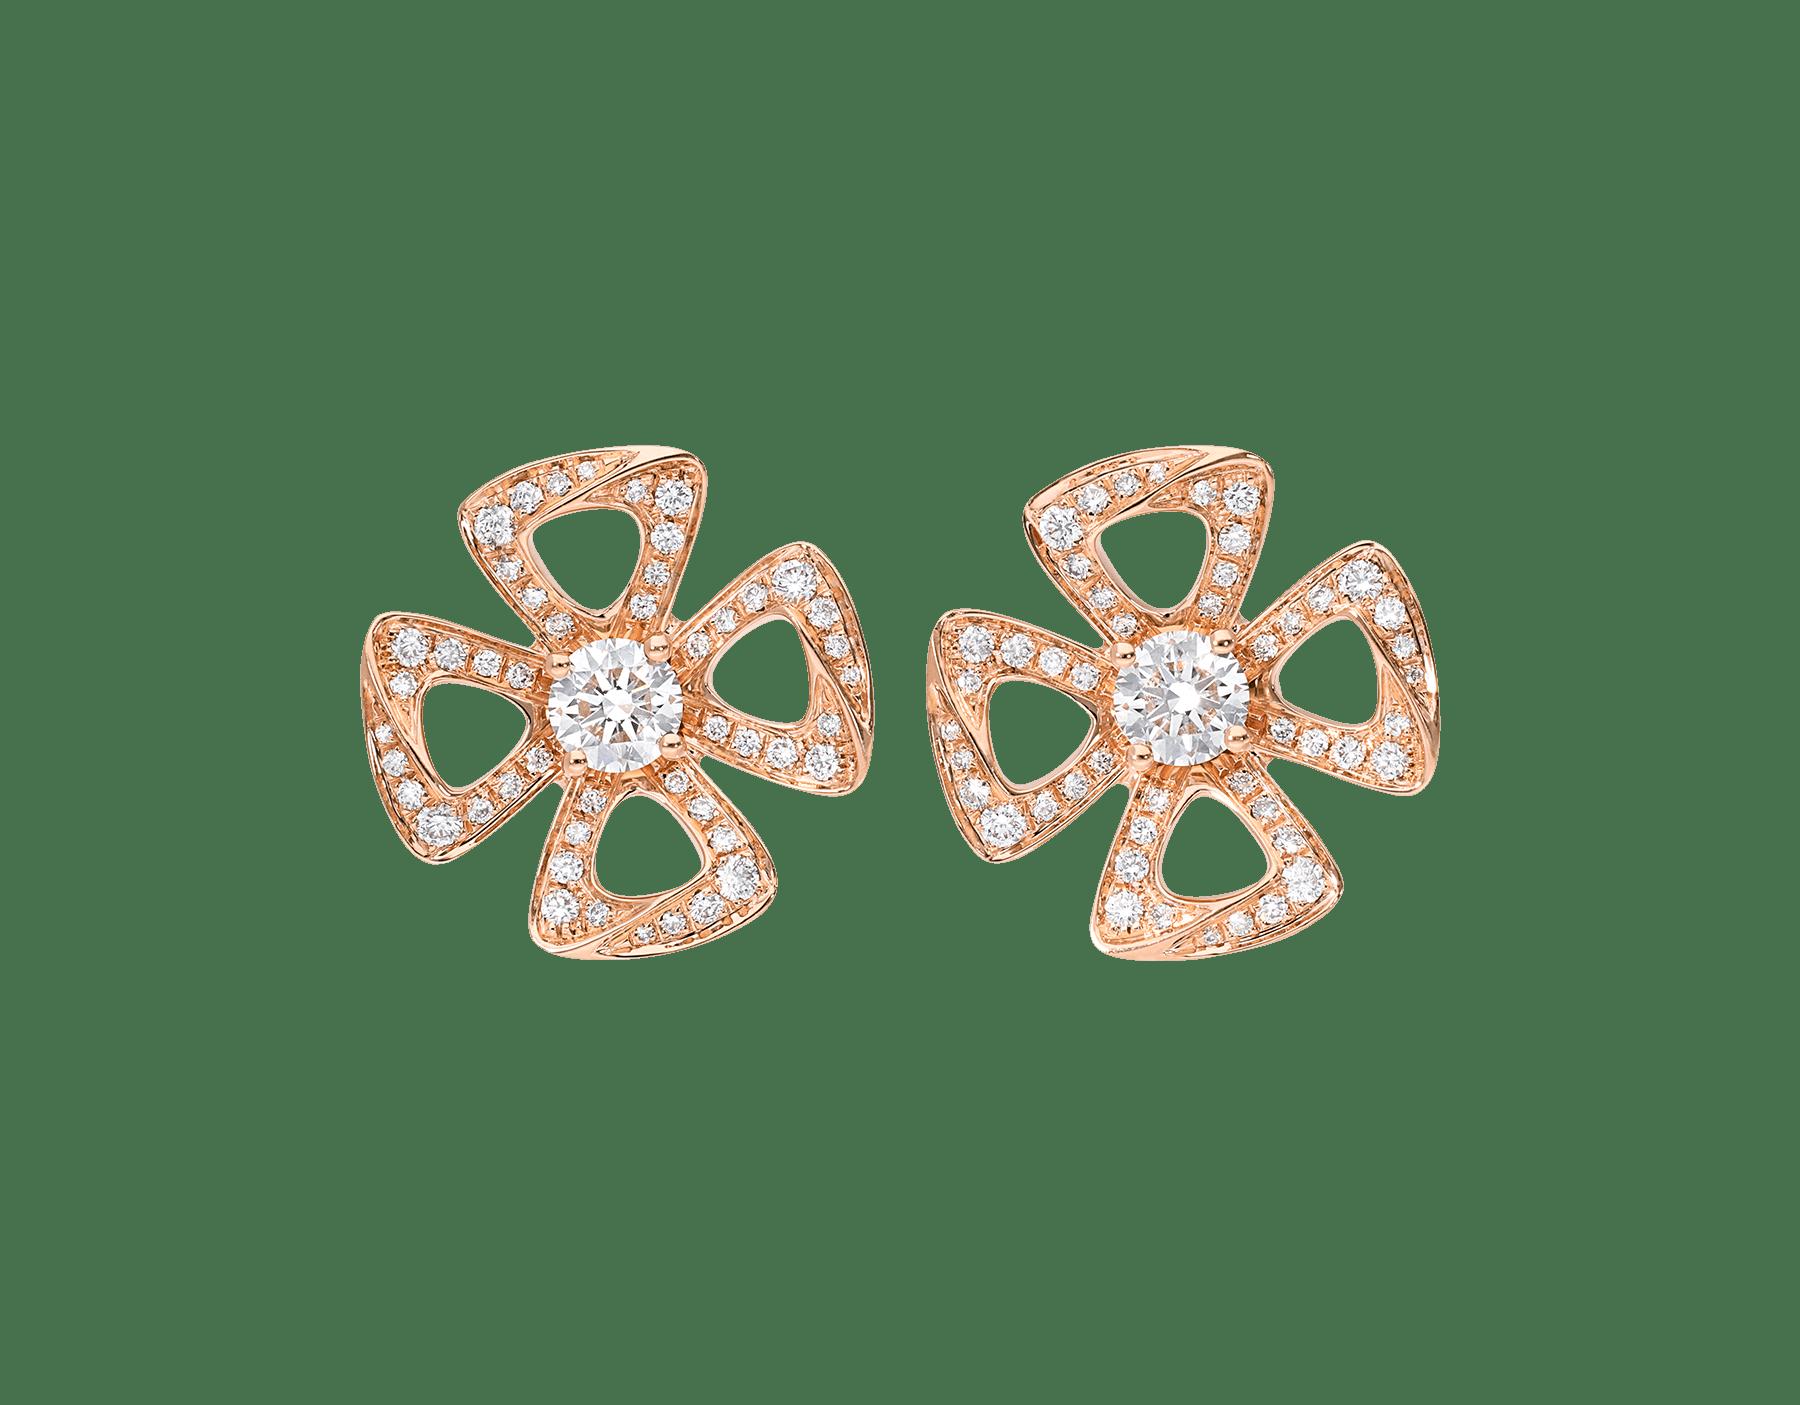 Brincos Fiorever em ouro rosa 18K cravejados com dois diamantes centrais e pavê de diamantes 355887 image 1